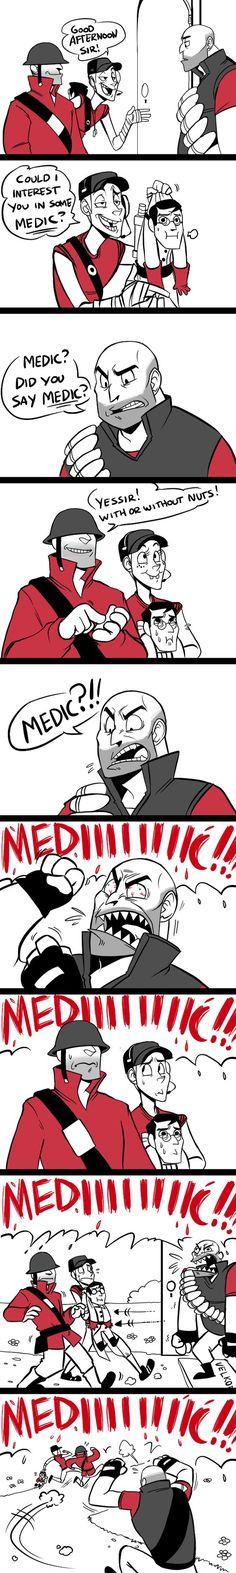 Esta usted interesado en un medic?